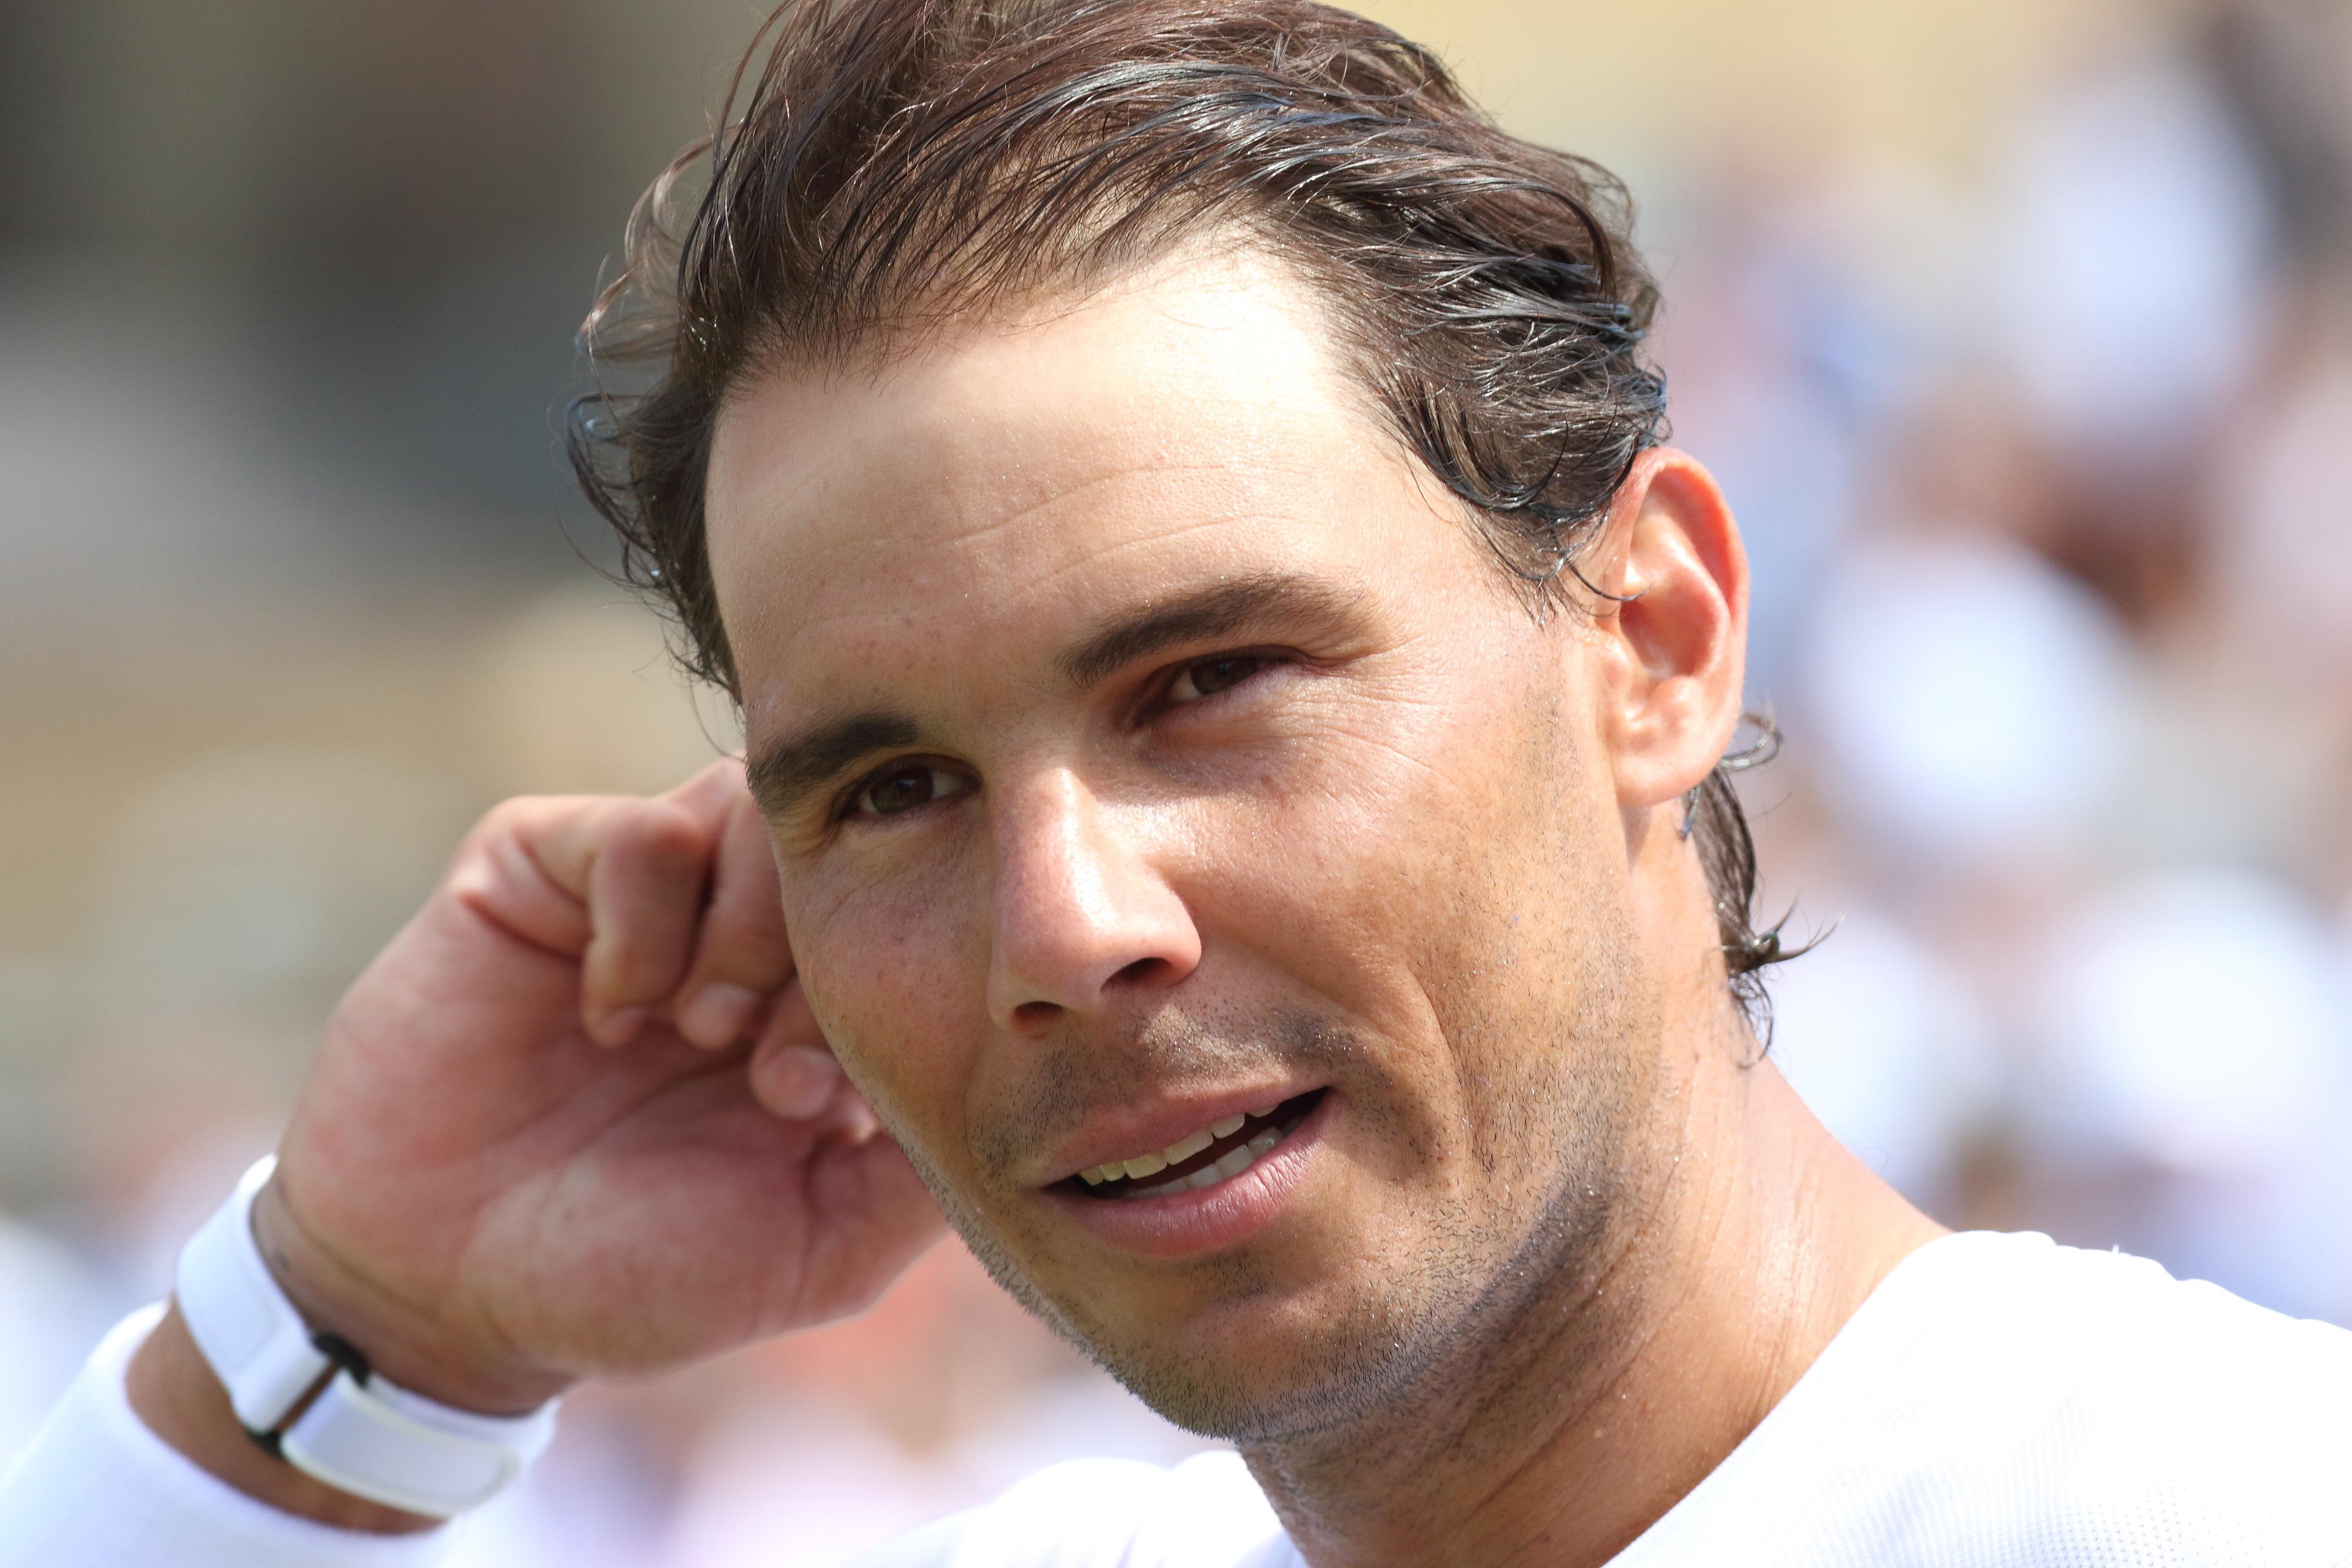 Tennis - Wimbledon - Nadal a songé à «faire une pause» et ne pas disputer Roland Garros